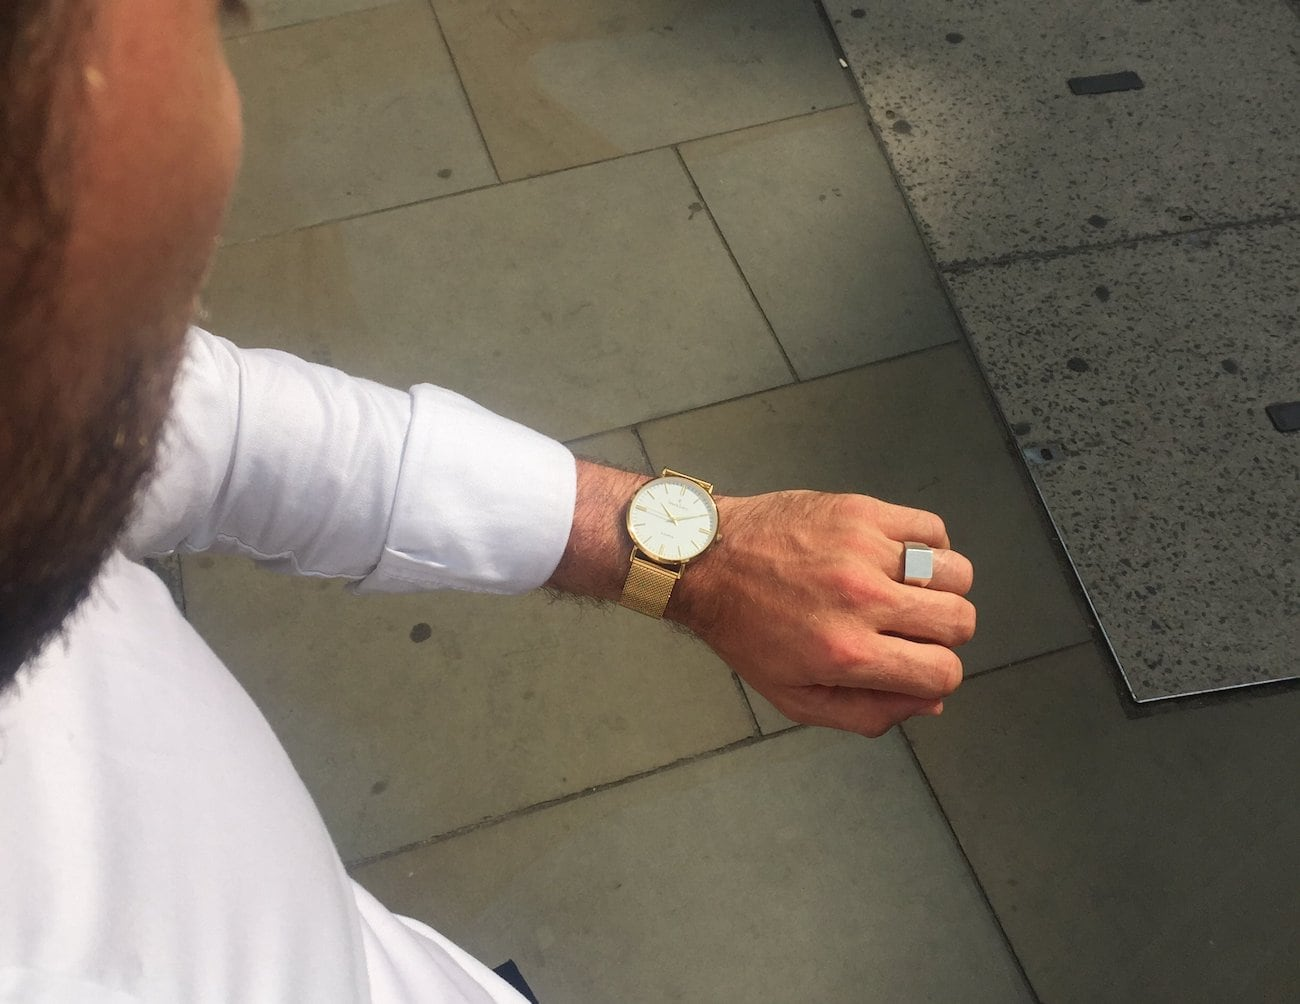 James Lucy Unisex Minimalist Watches